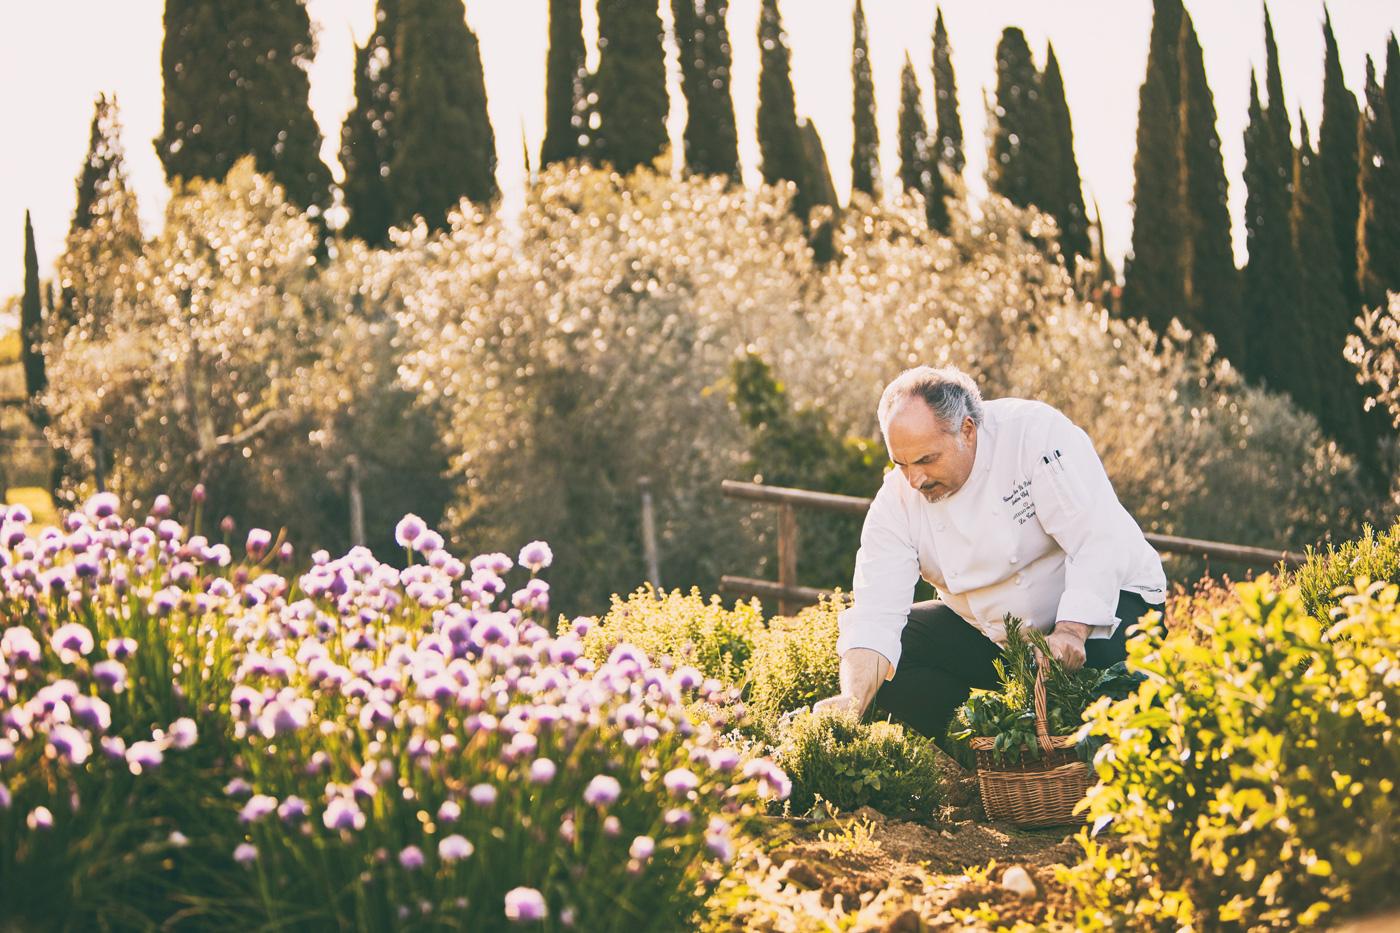 Sternekoch Giovanni Luca Di Pirro im Kräutergarten